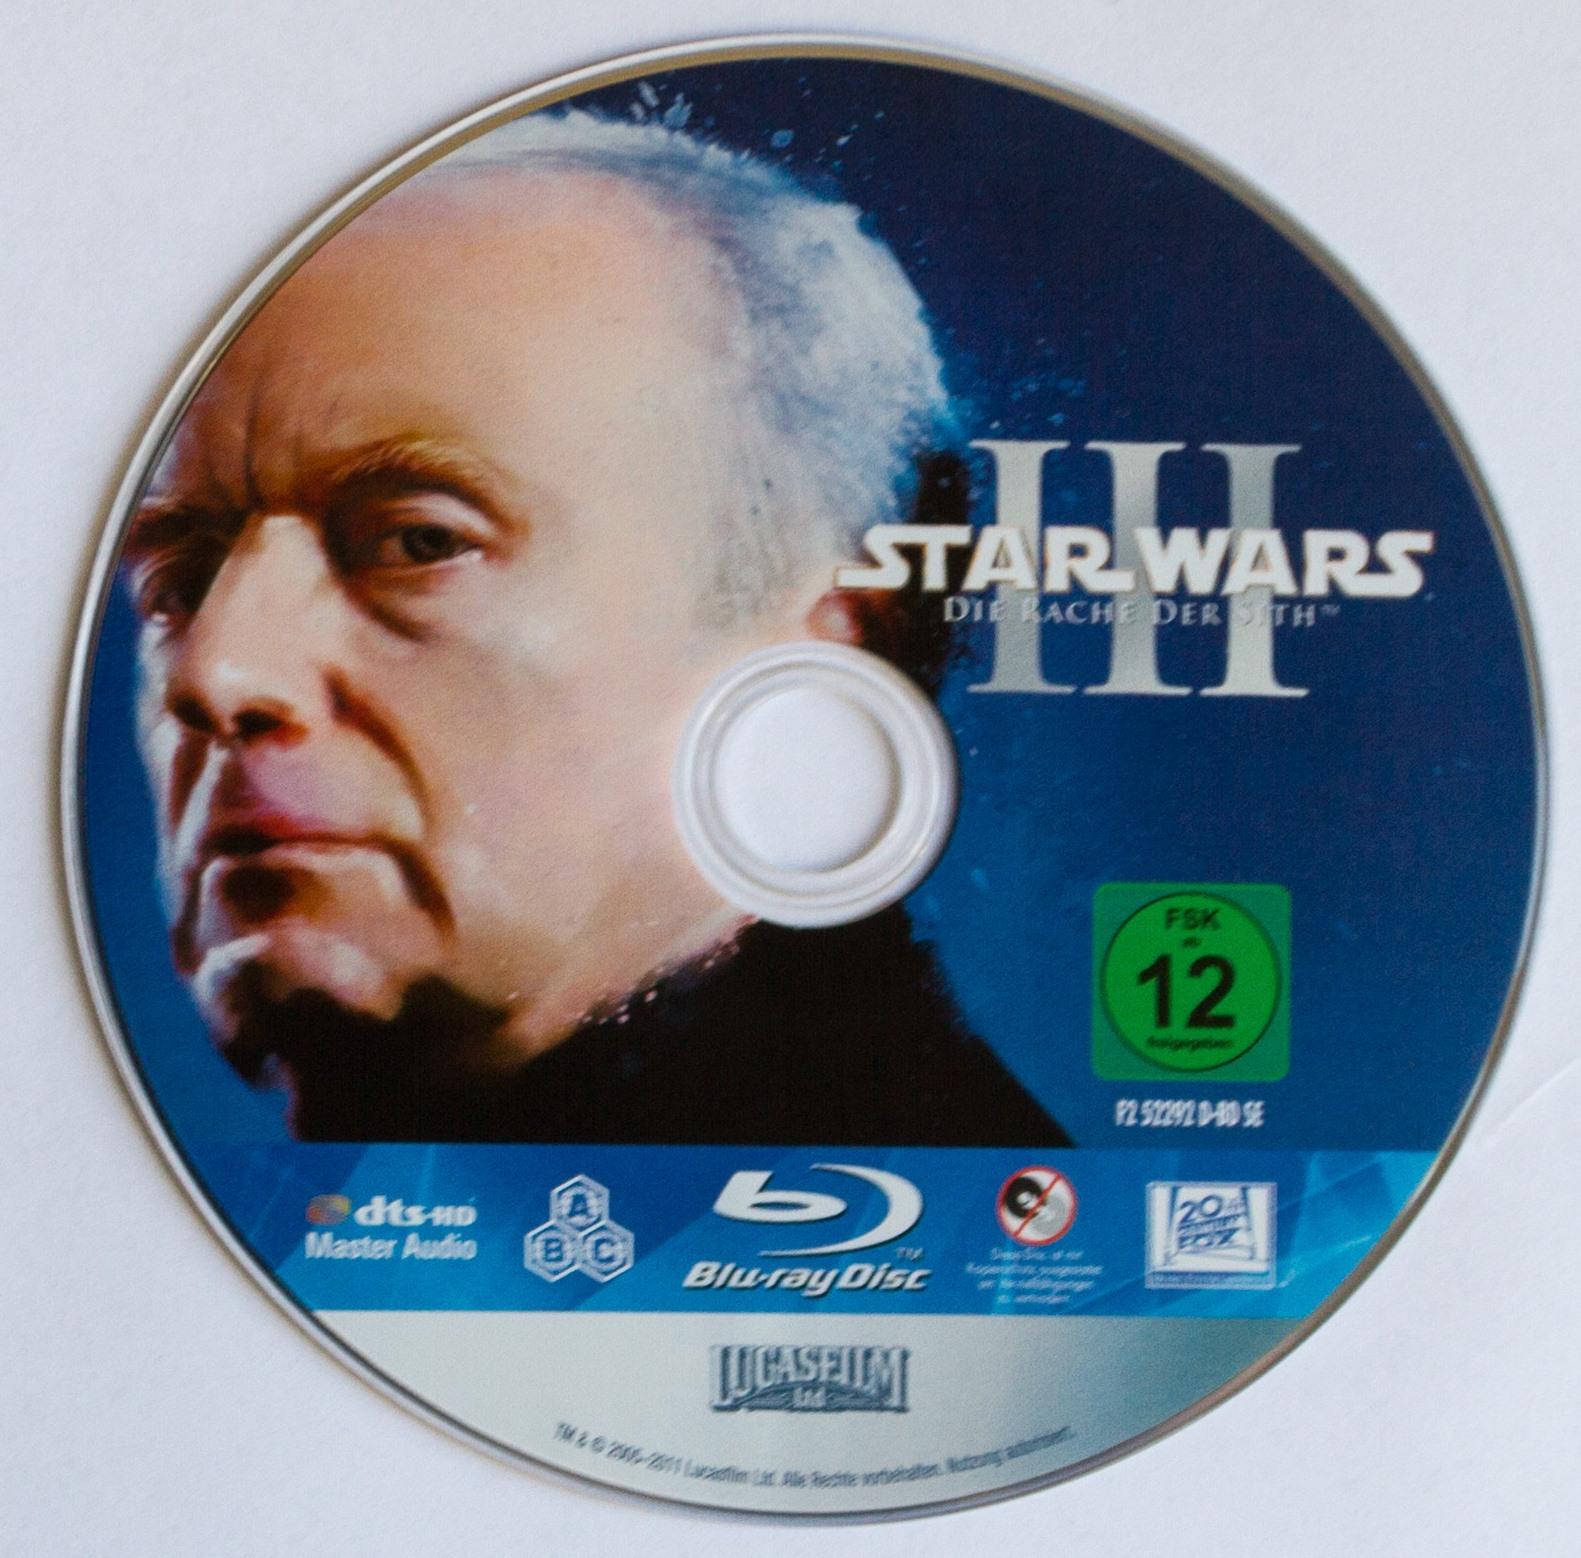 Star Wars III Disk